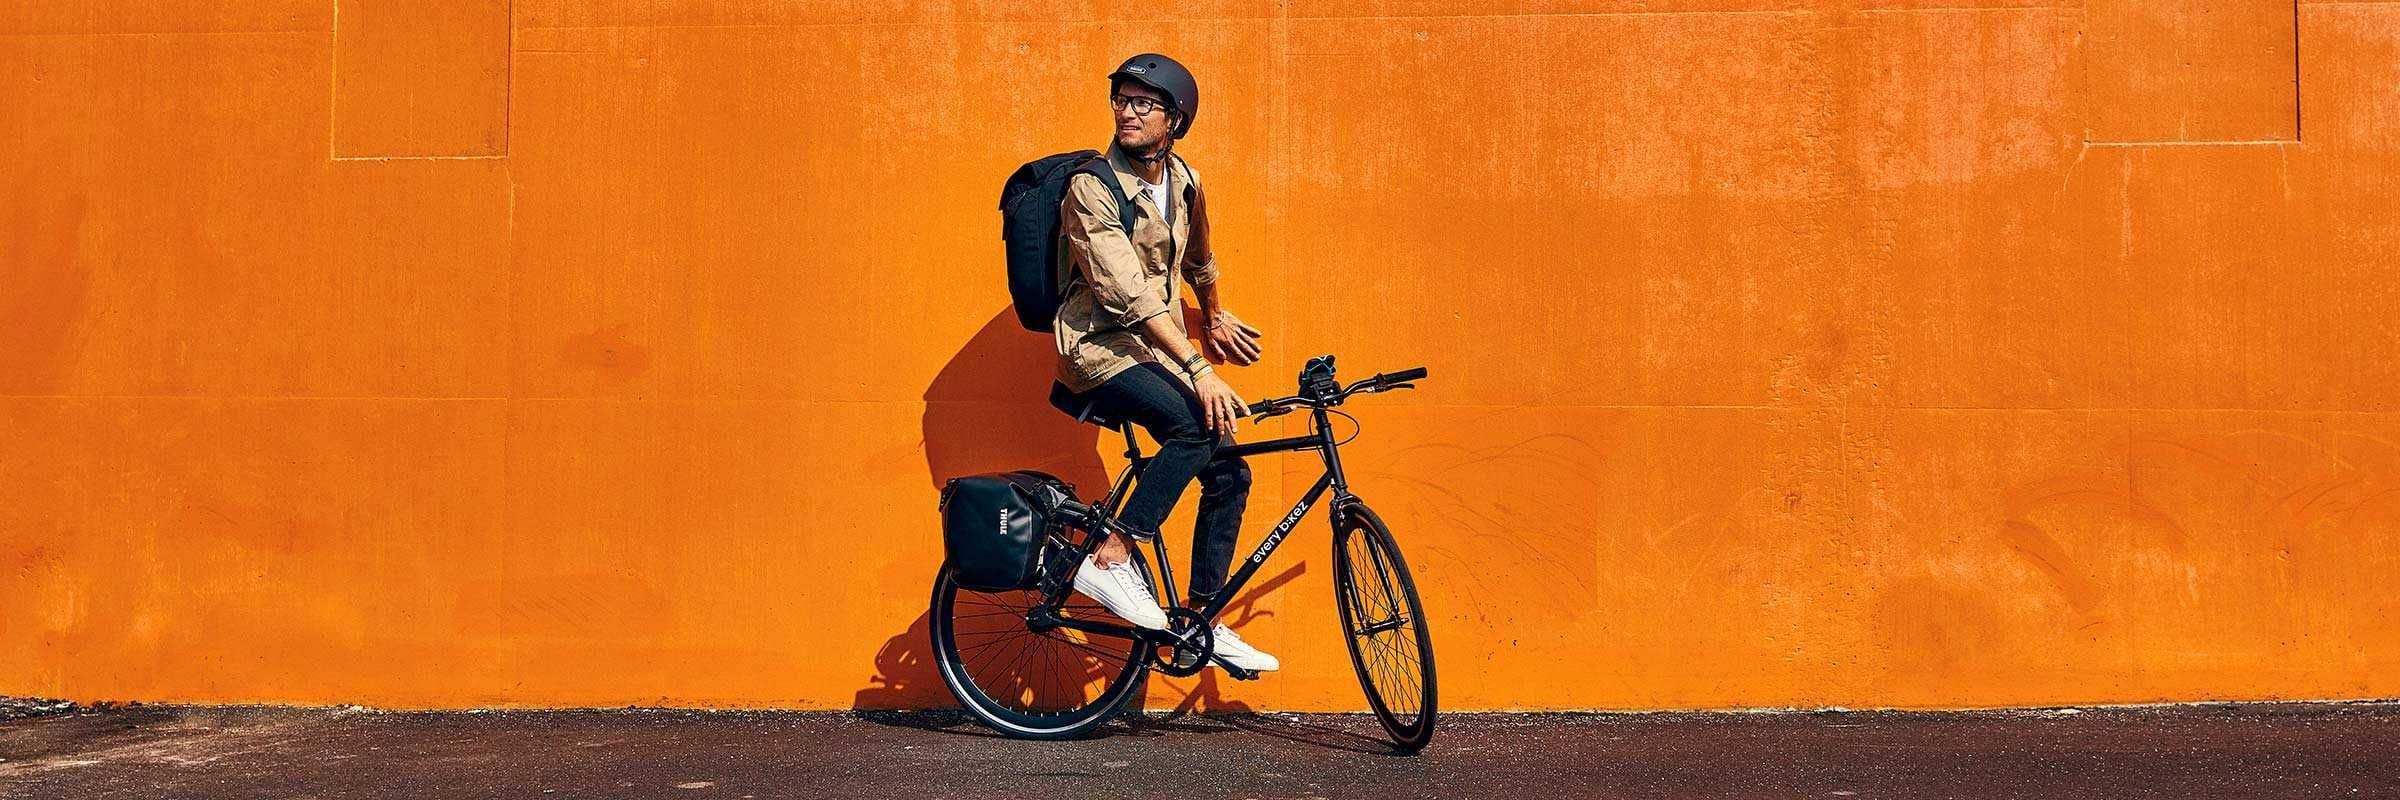 Cyclisme urbain: Découvrez les essentiels du commuter